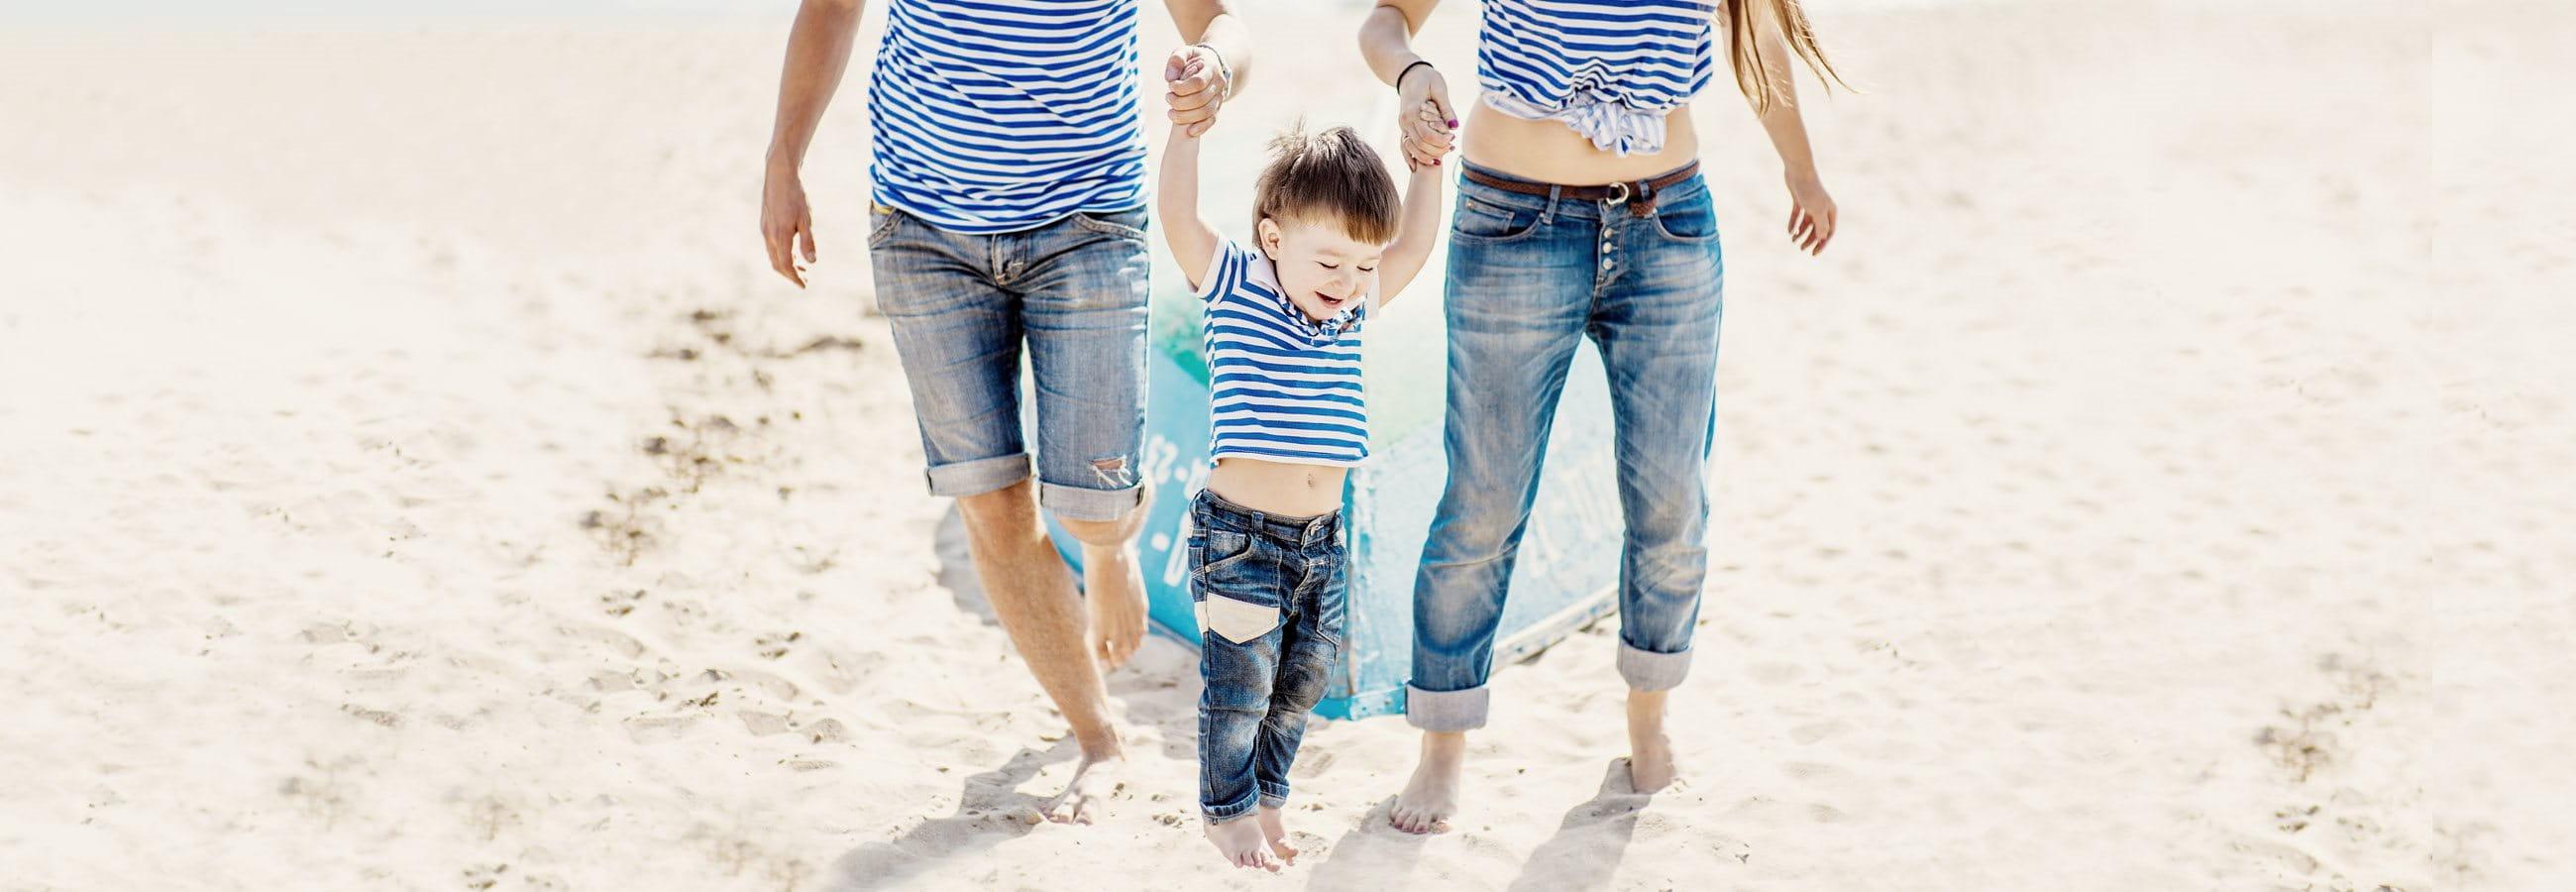 Famille joyeuse à la plage